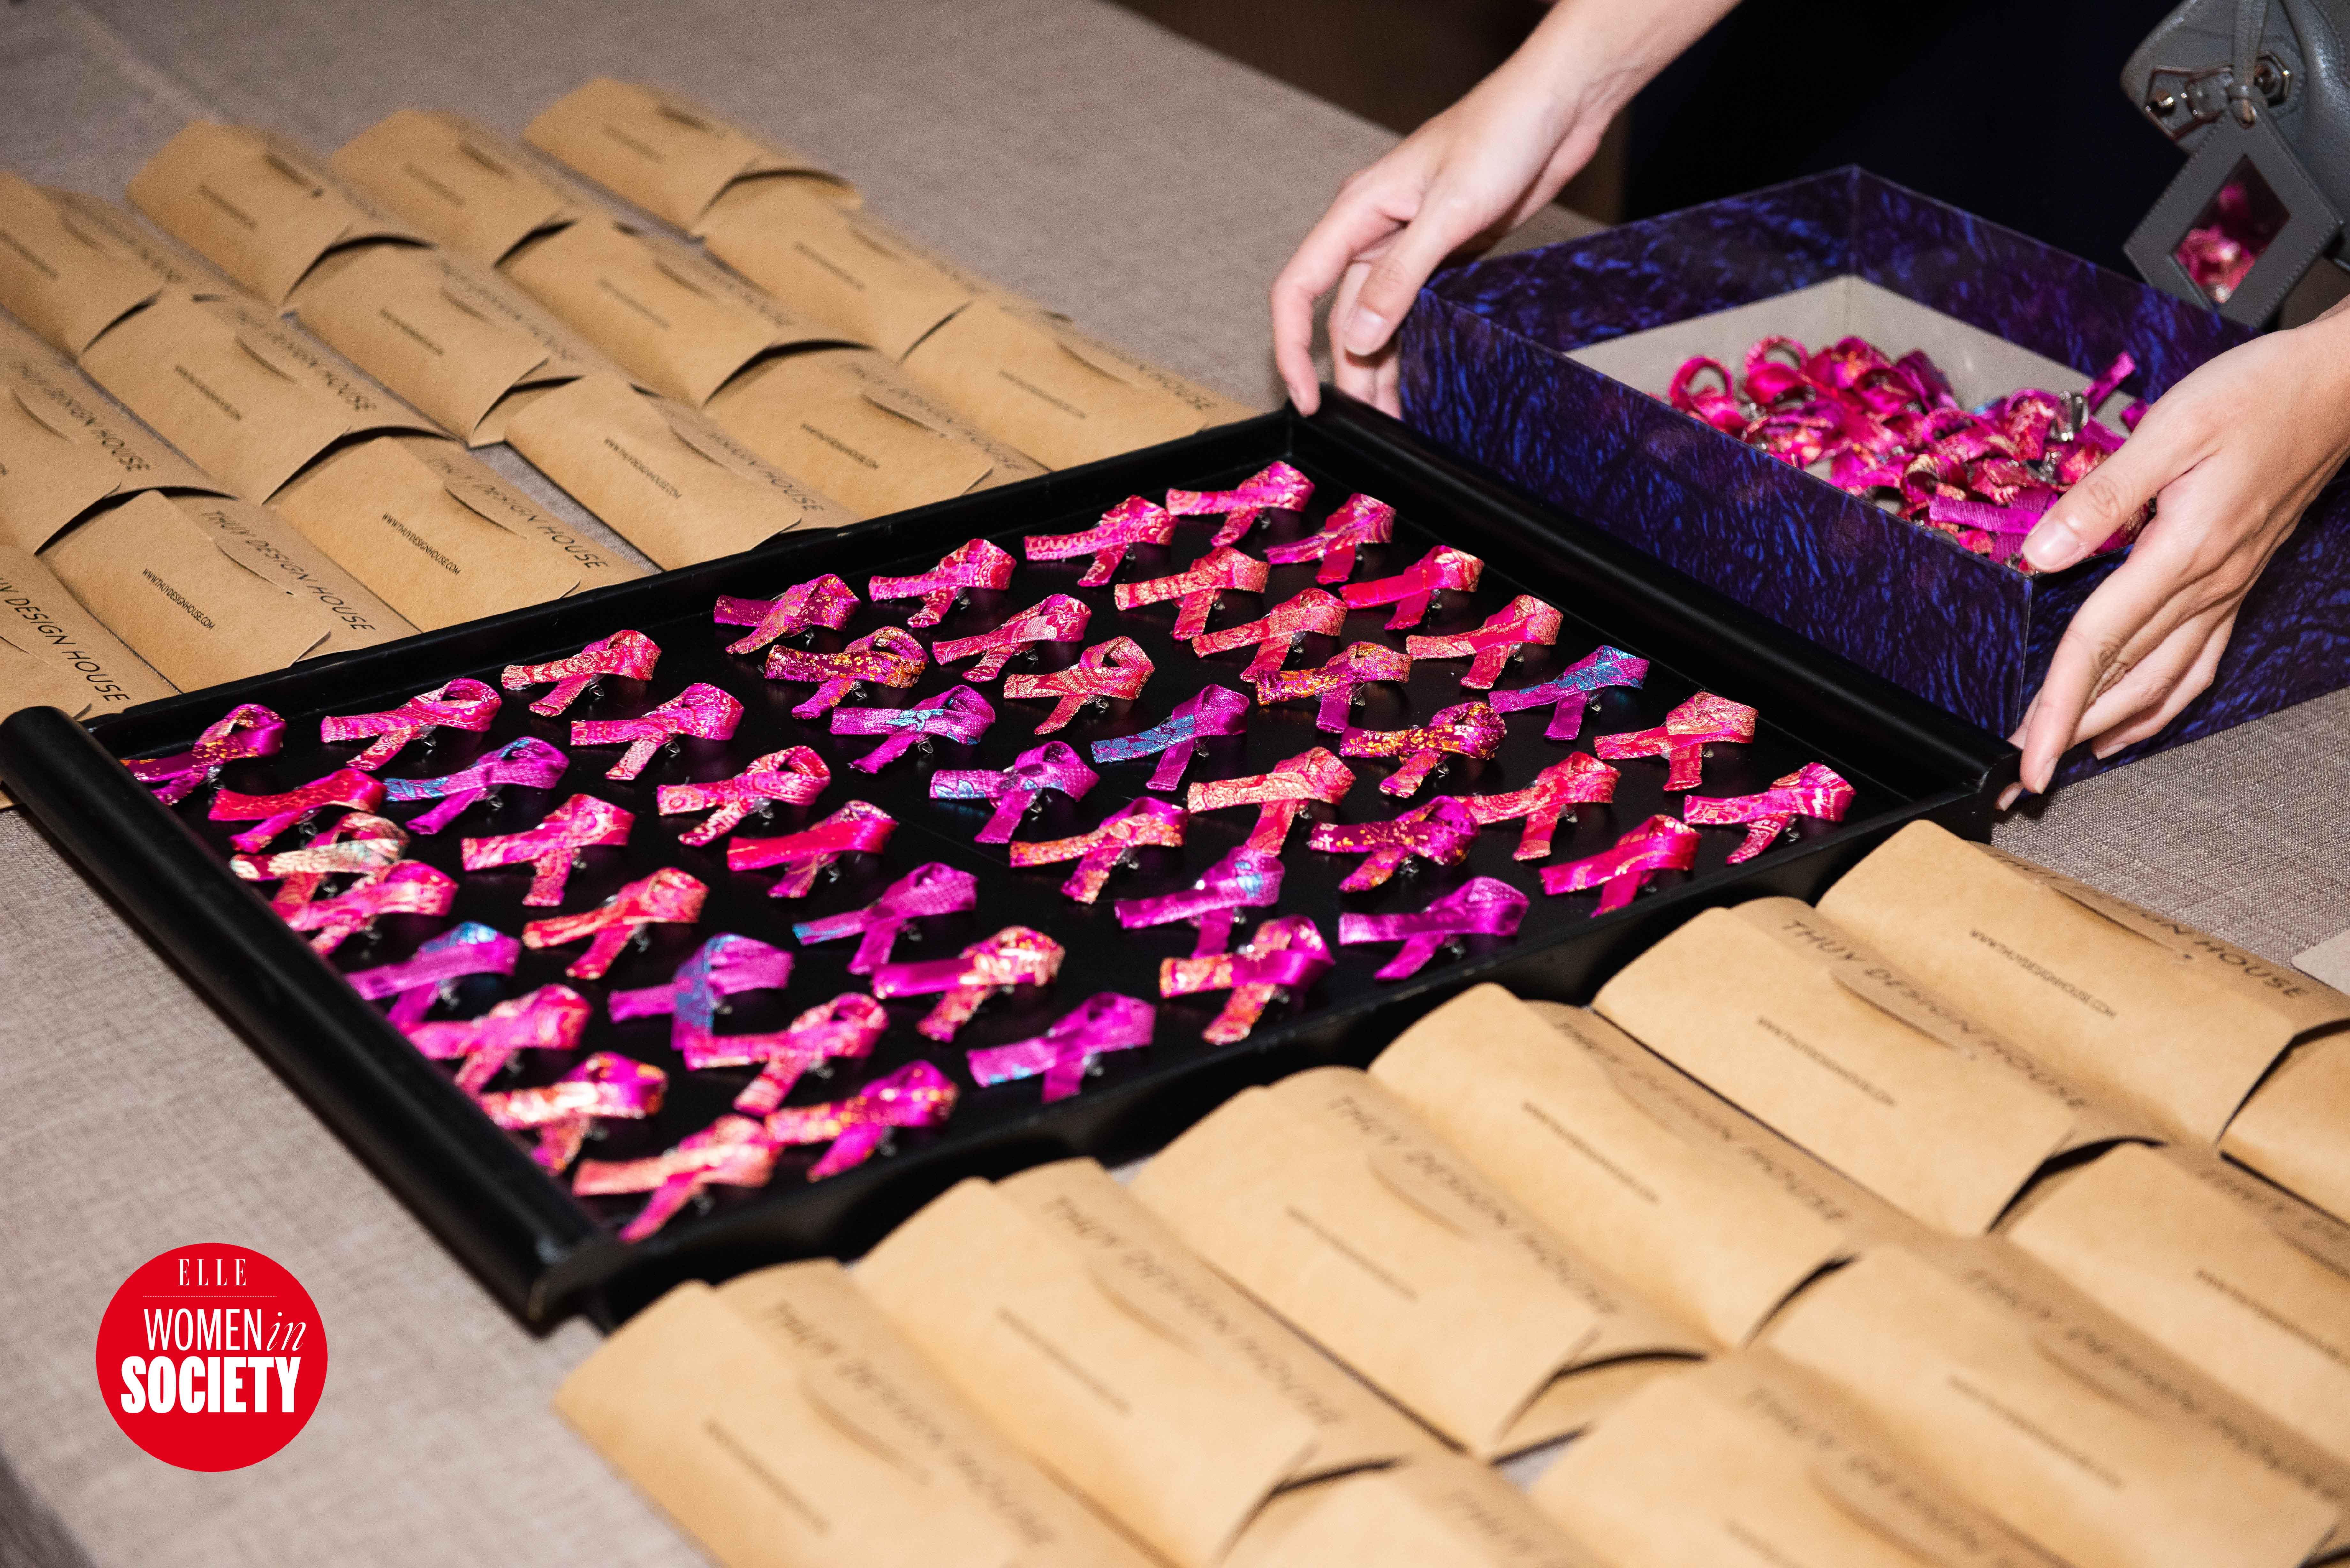 Thiết kế ruy băng hồng gây quỹ của elle women in society